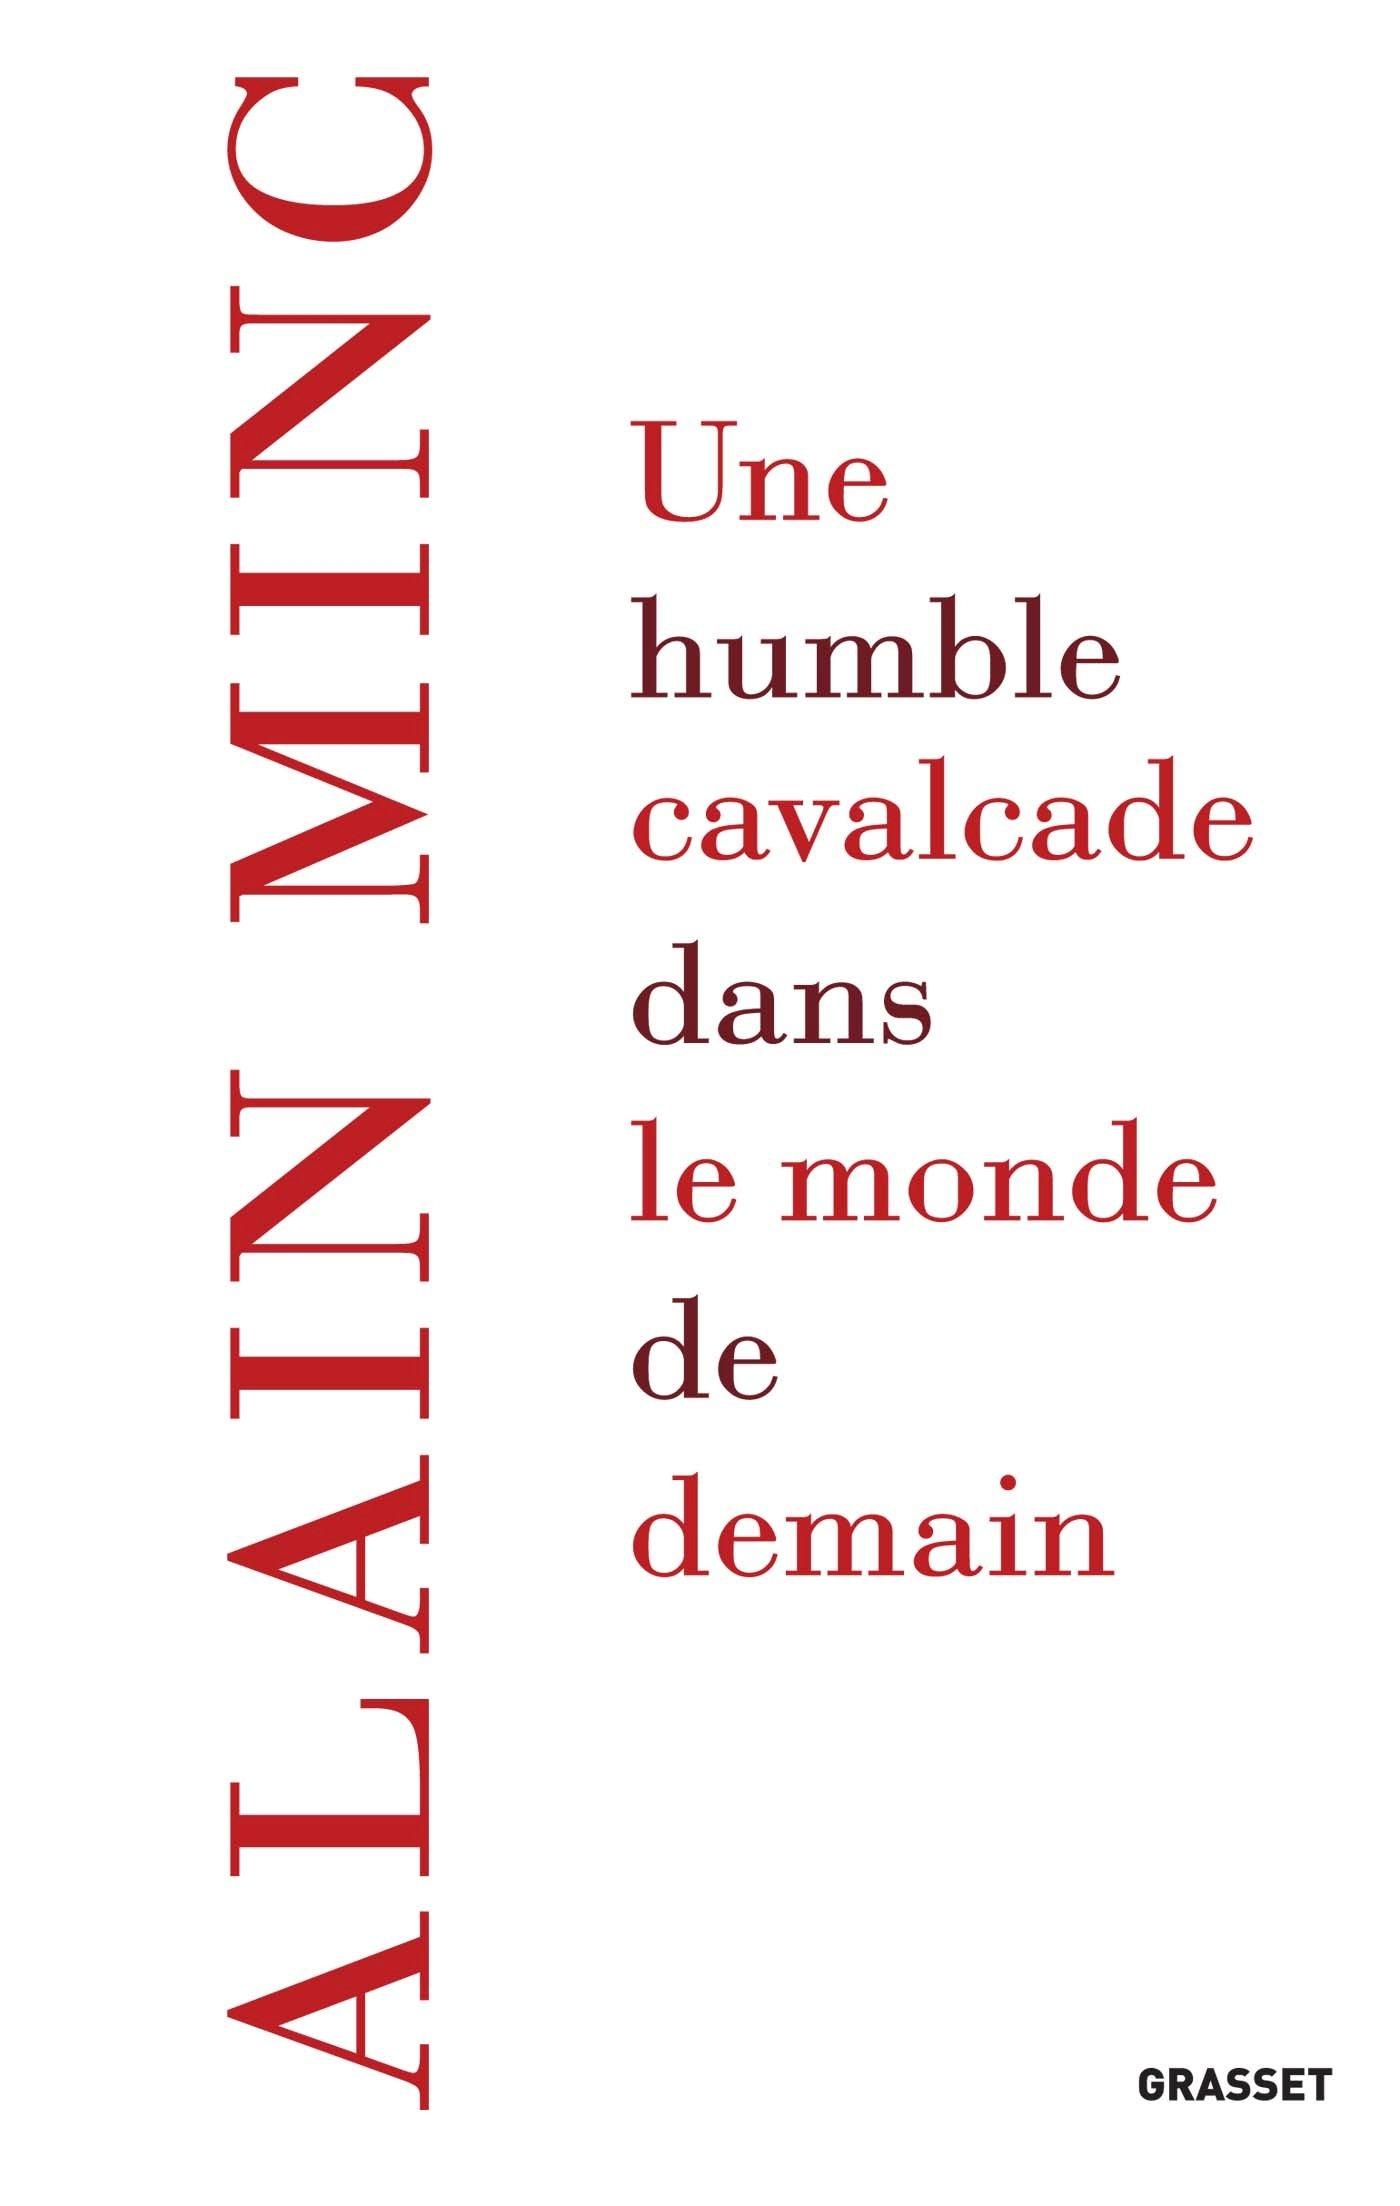 Une humble cavalcade dans le monde de demain Broché – 24 janvier 2018 Alain Minc Grasset 2246816114 Essais littéraires